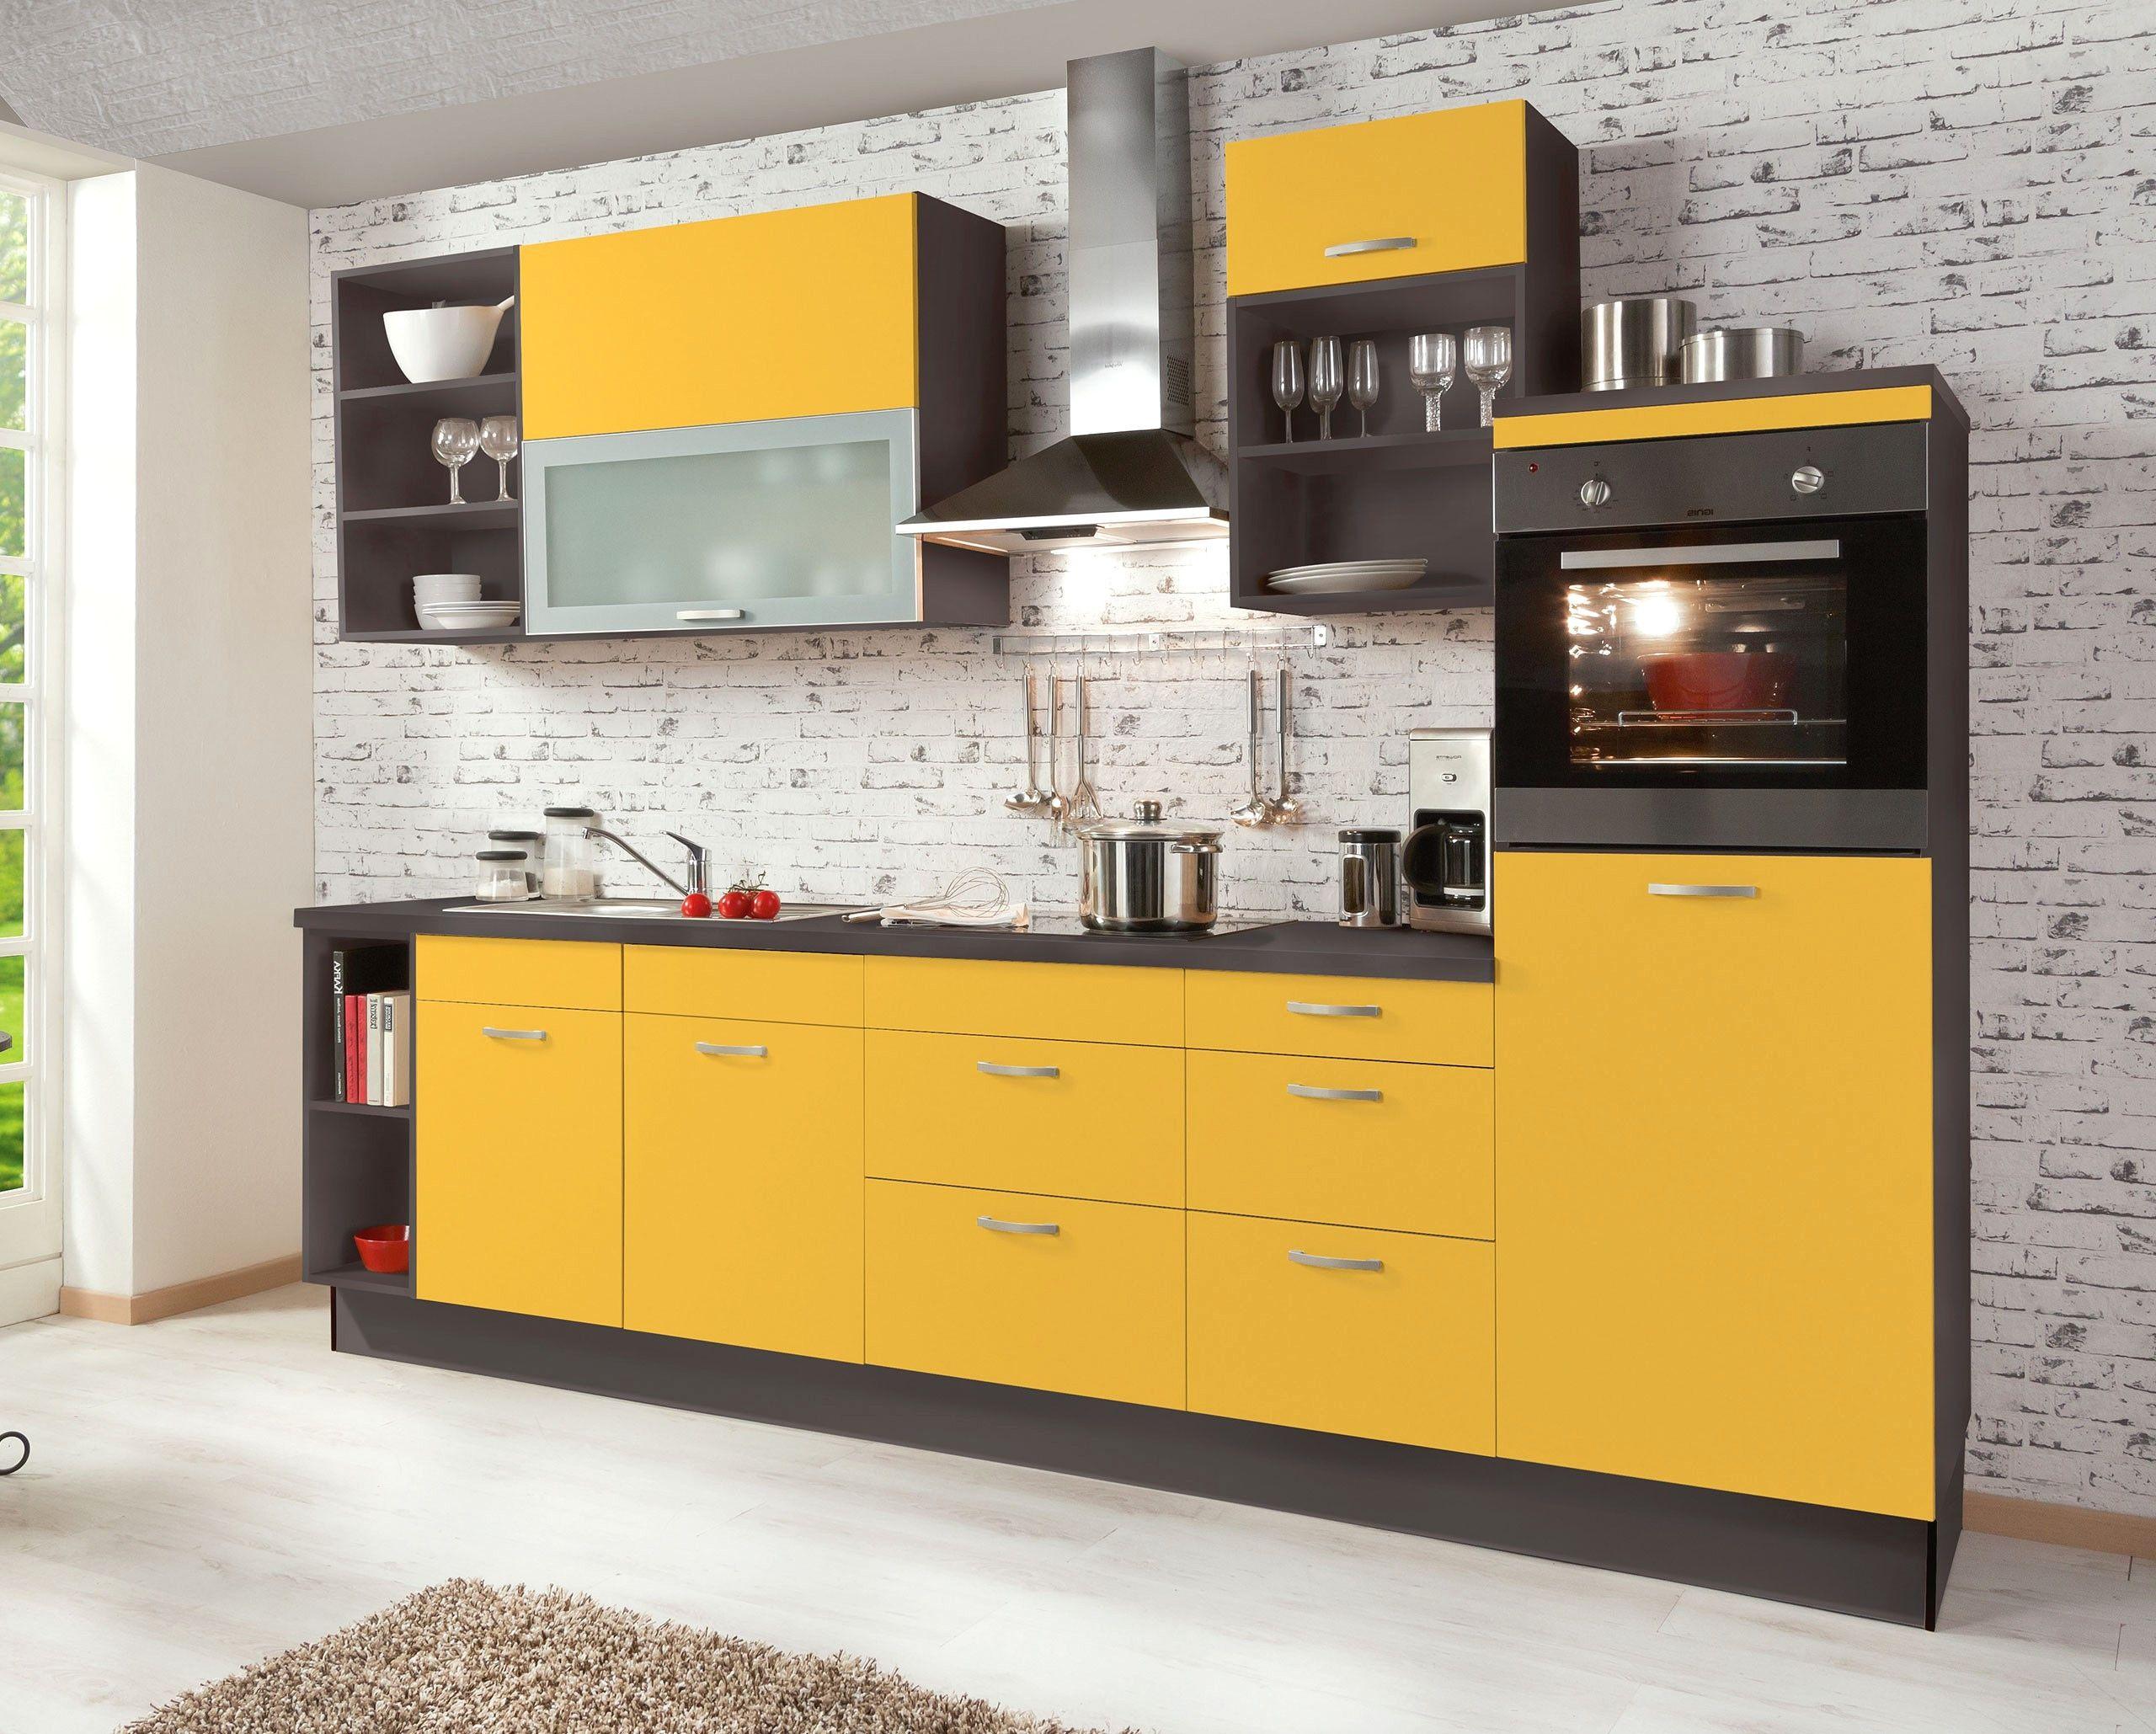 43 frisch k chen unterschrank 60 home decor kitchen kitchen cabinets